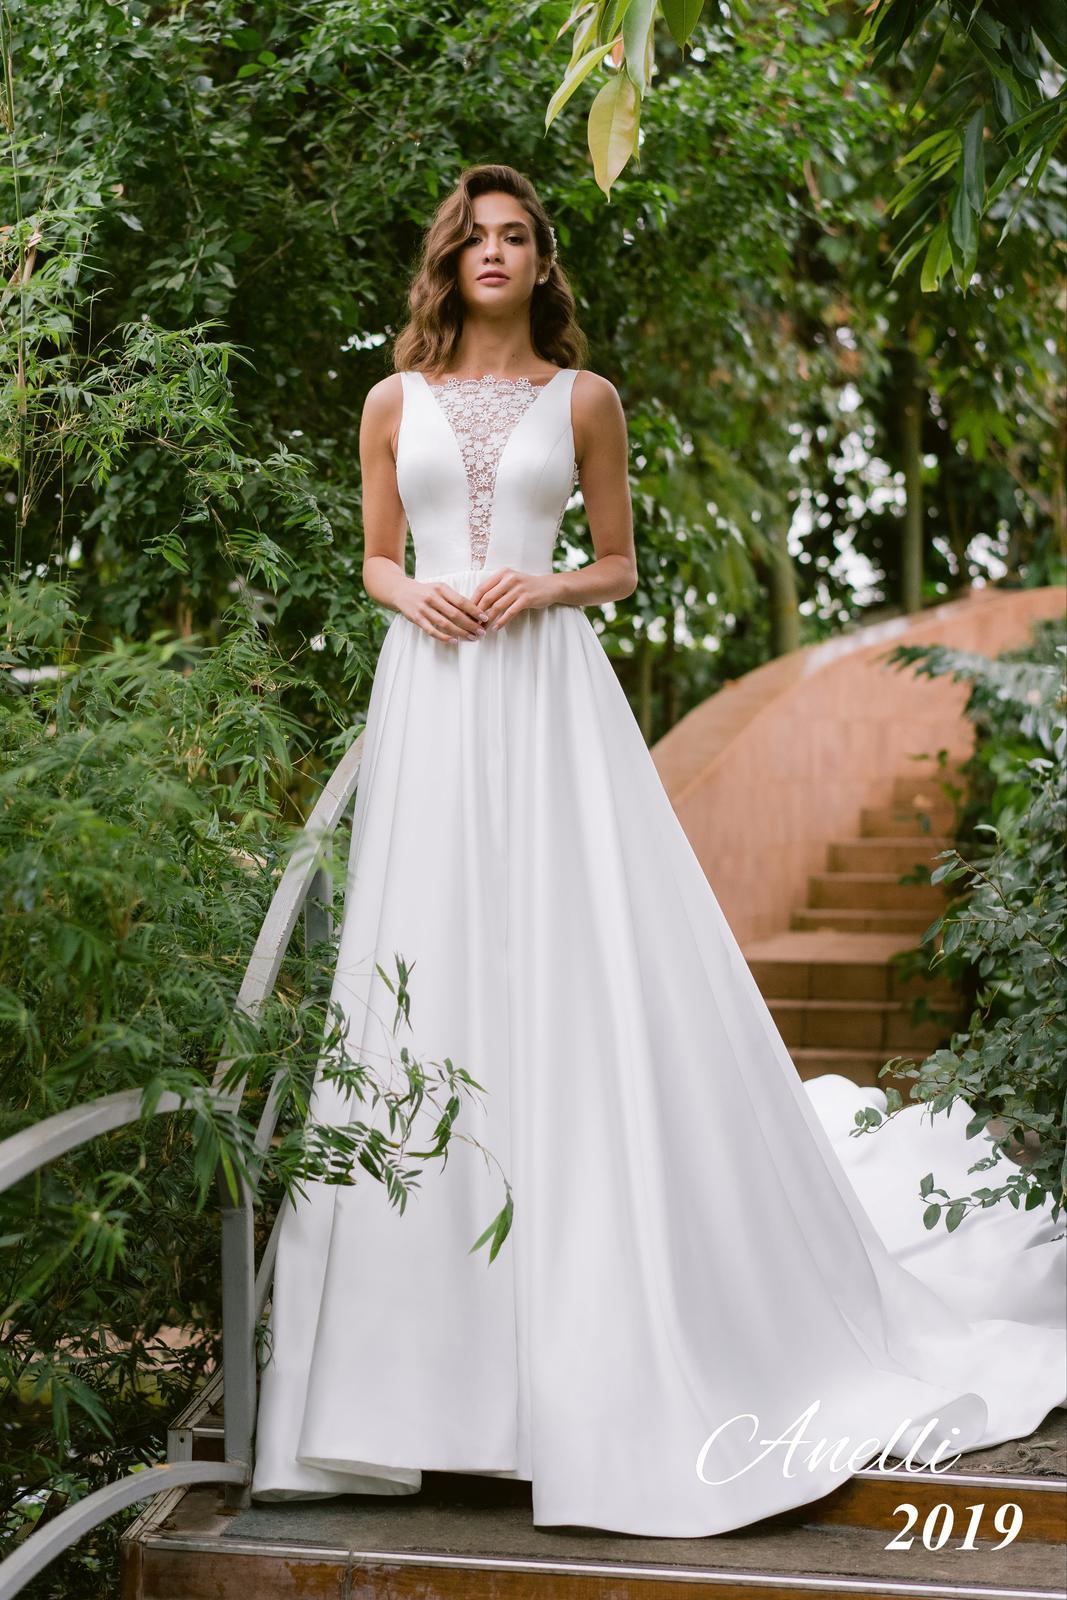 Svadobné šaty - Breeze 2019 - Obrázok č. 2